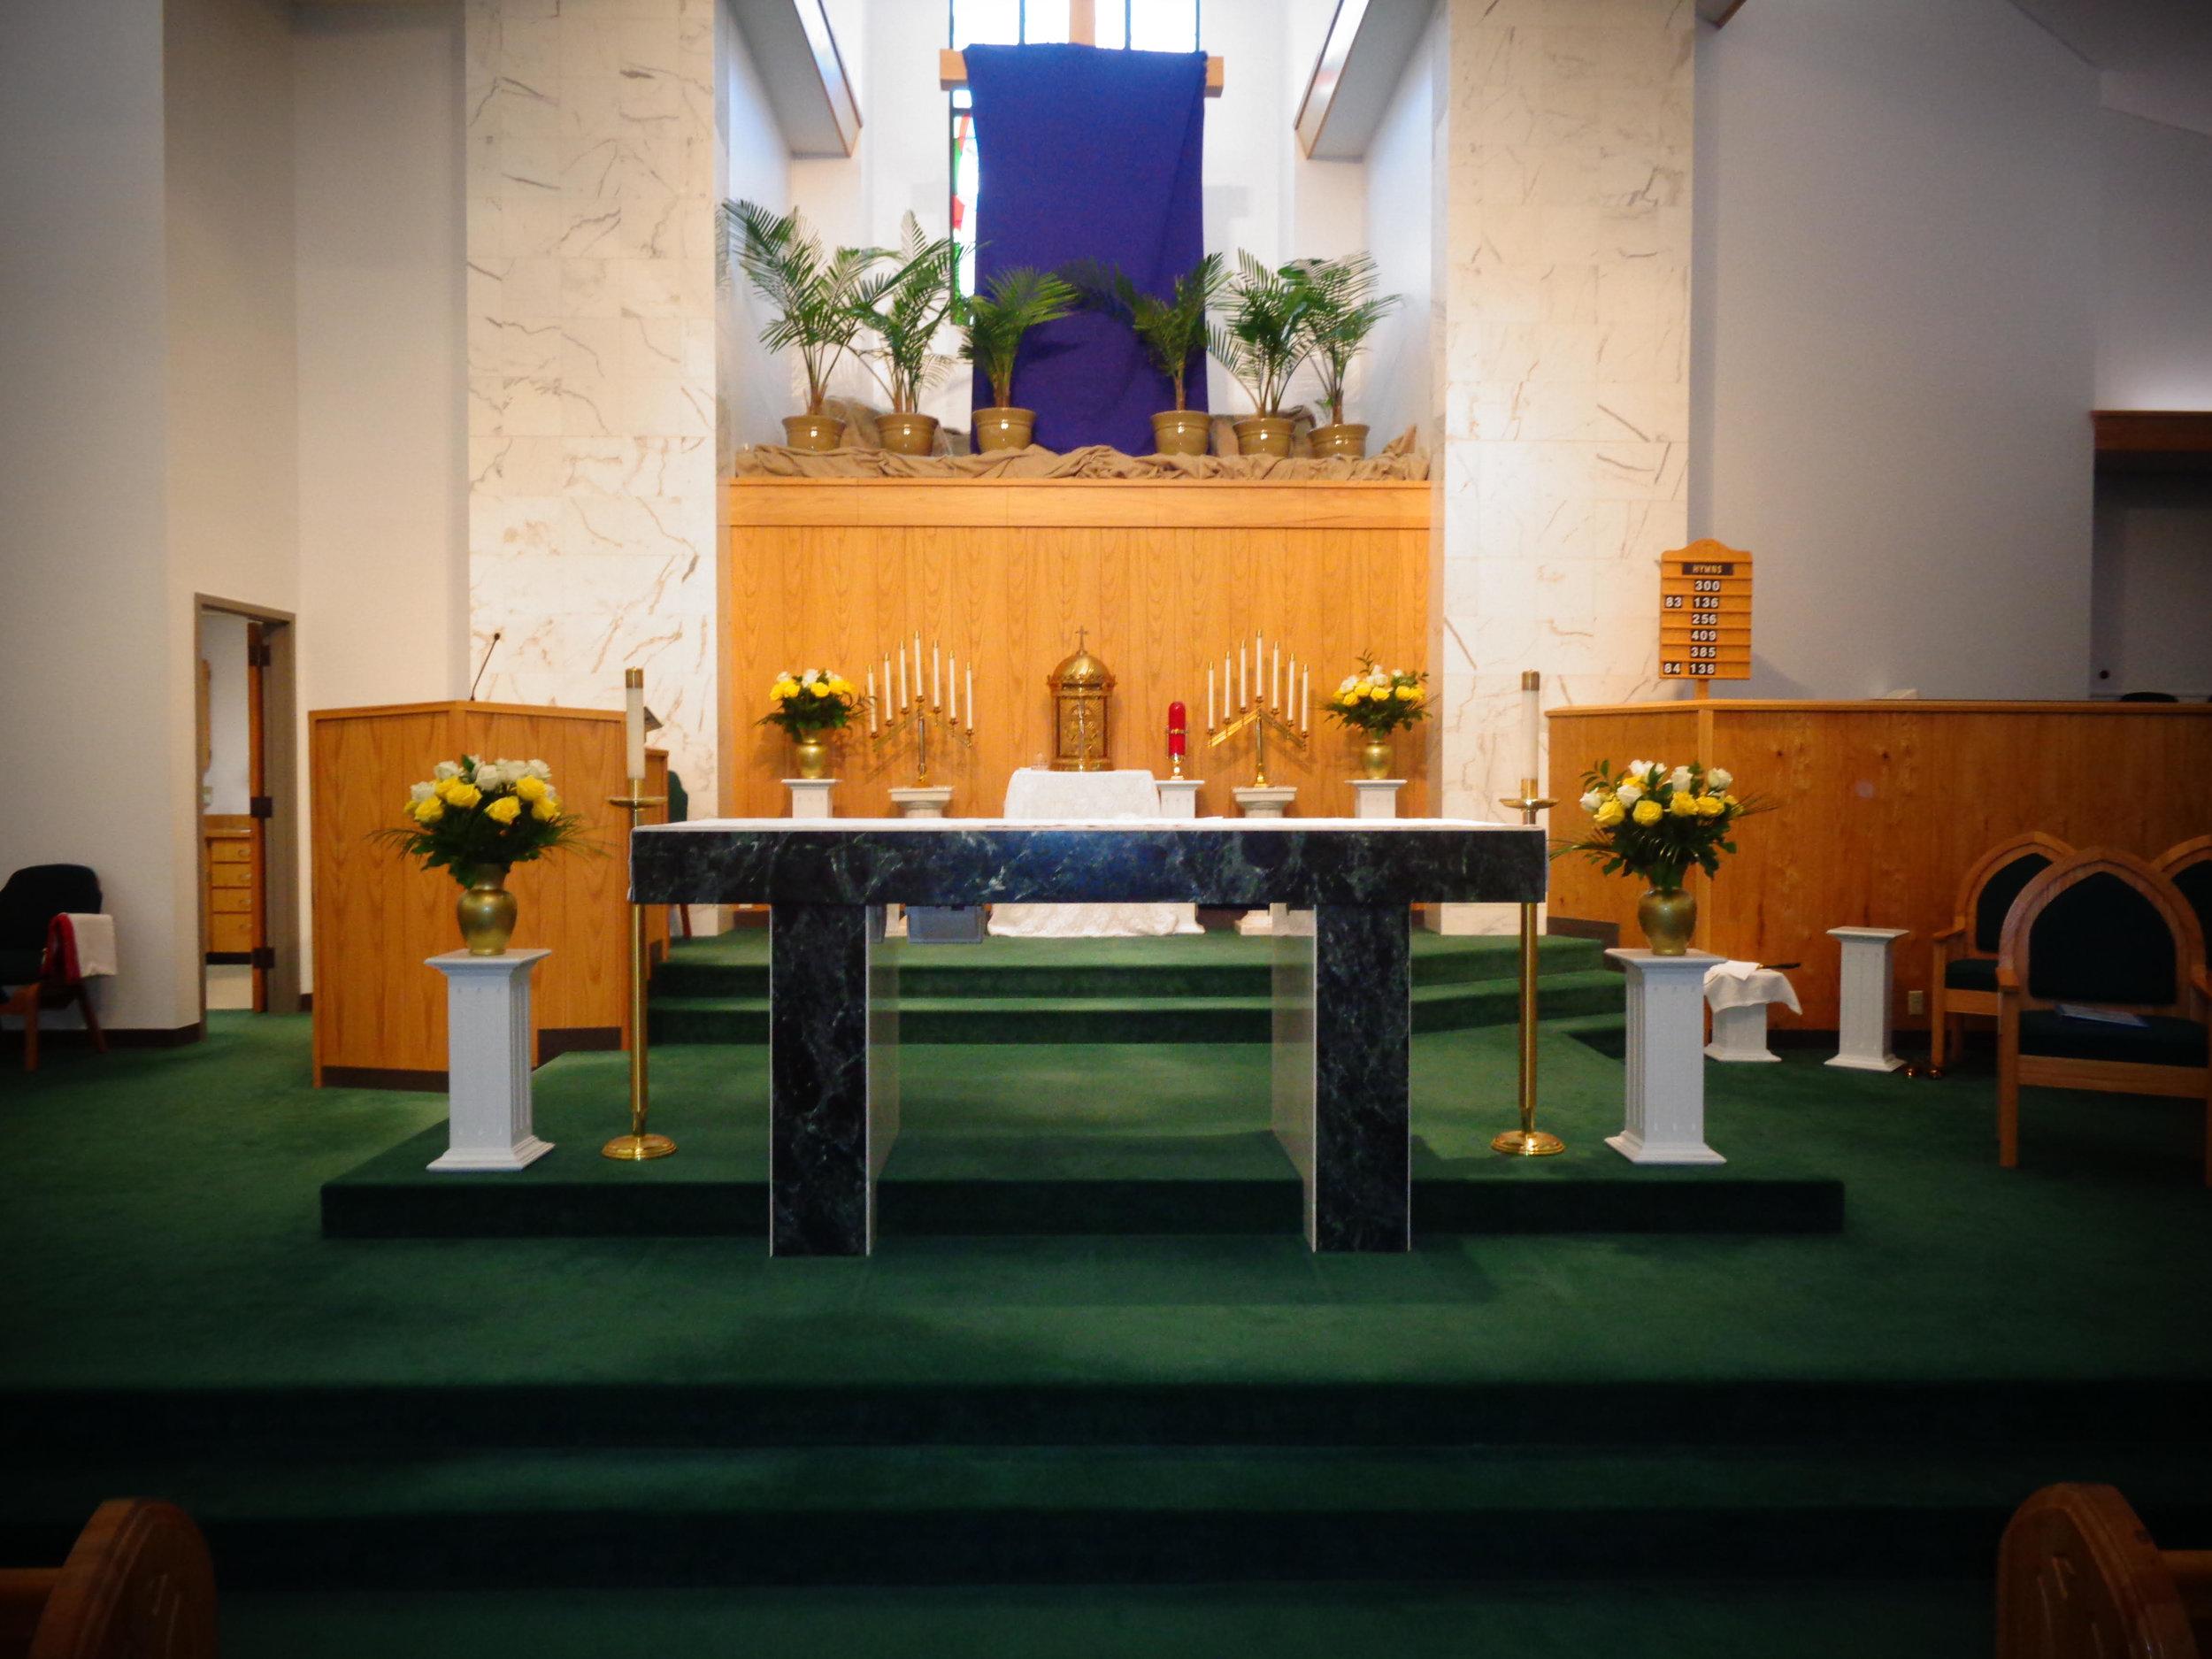 tontitown church photo.jpg